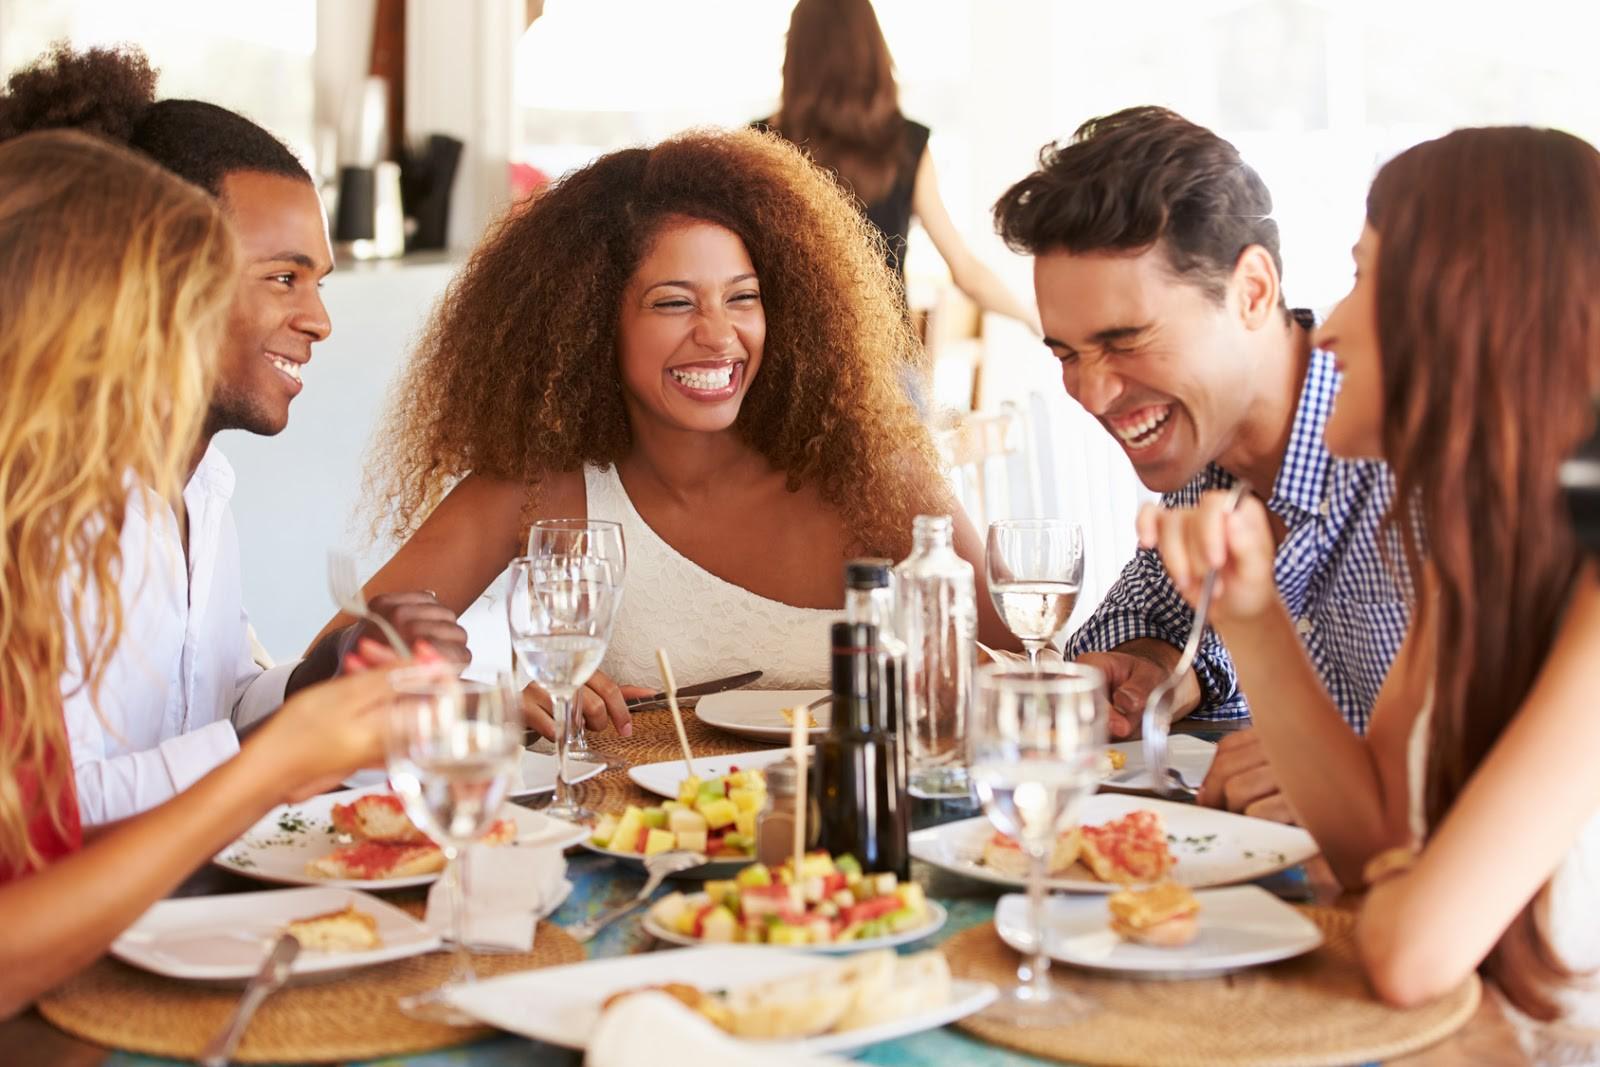 Đã dặn lòng phải giảm cân nhưng vẫn ăn uống quá độ? Đây có thể là những sai lầm bạn đang mắc phải - Ảnh 2.